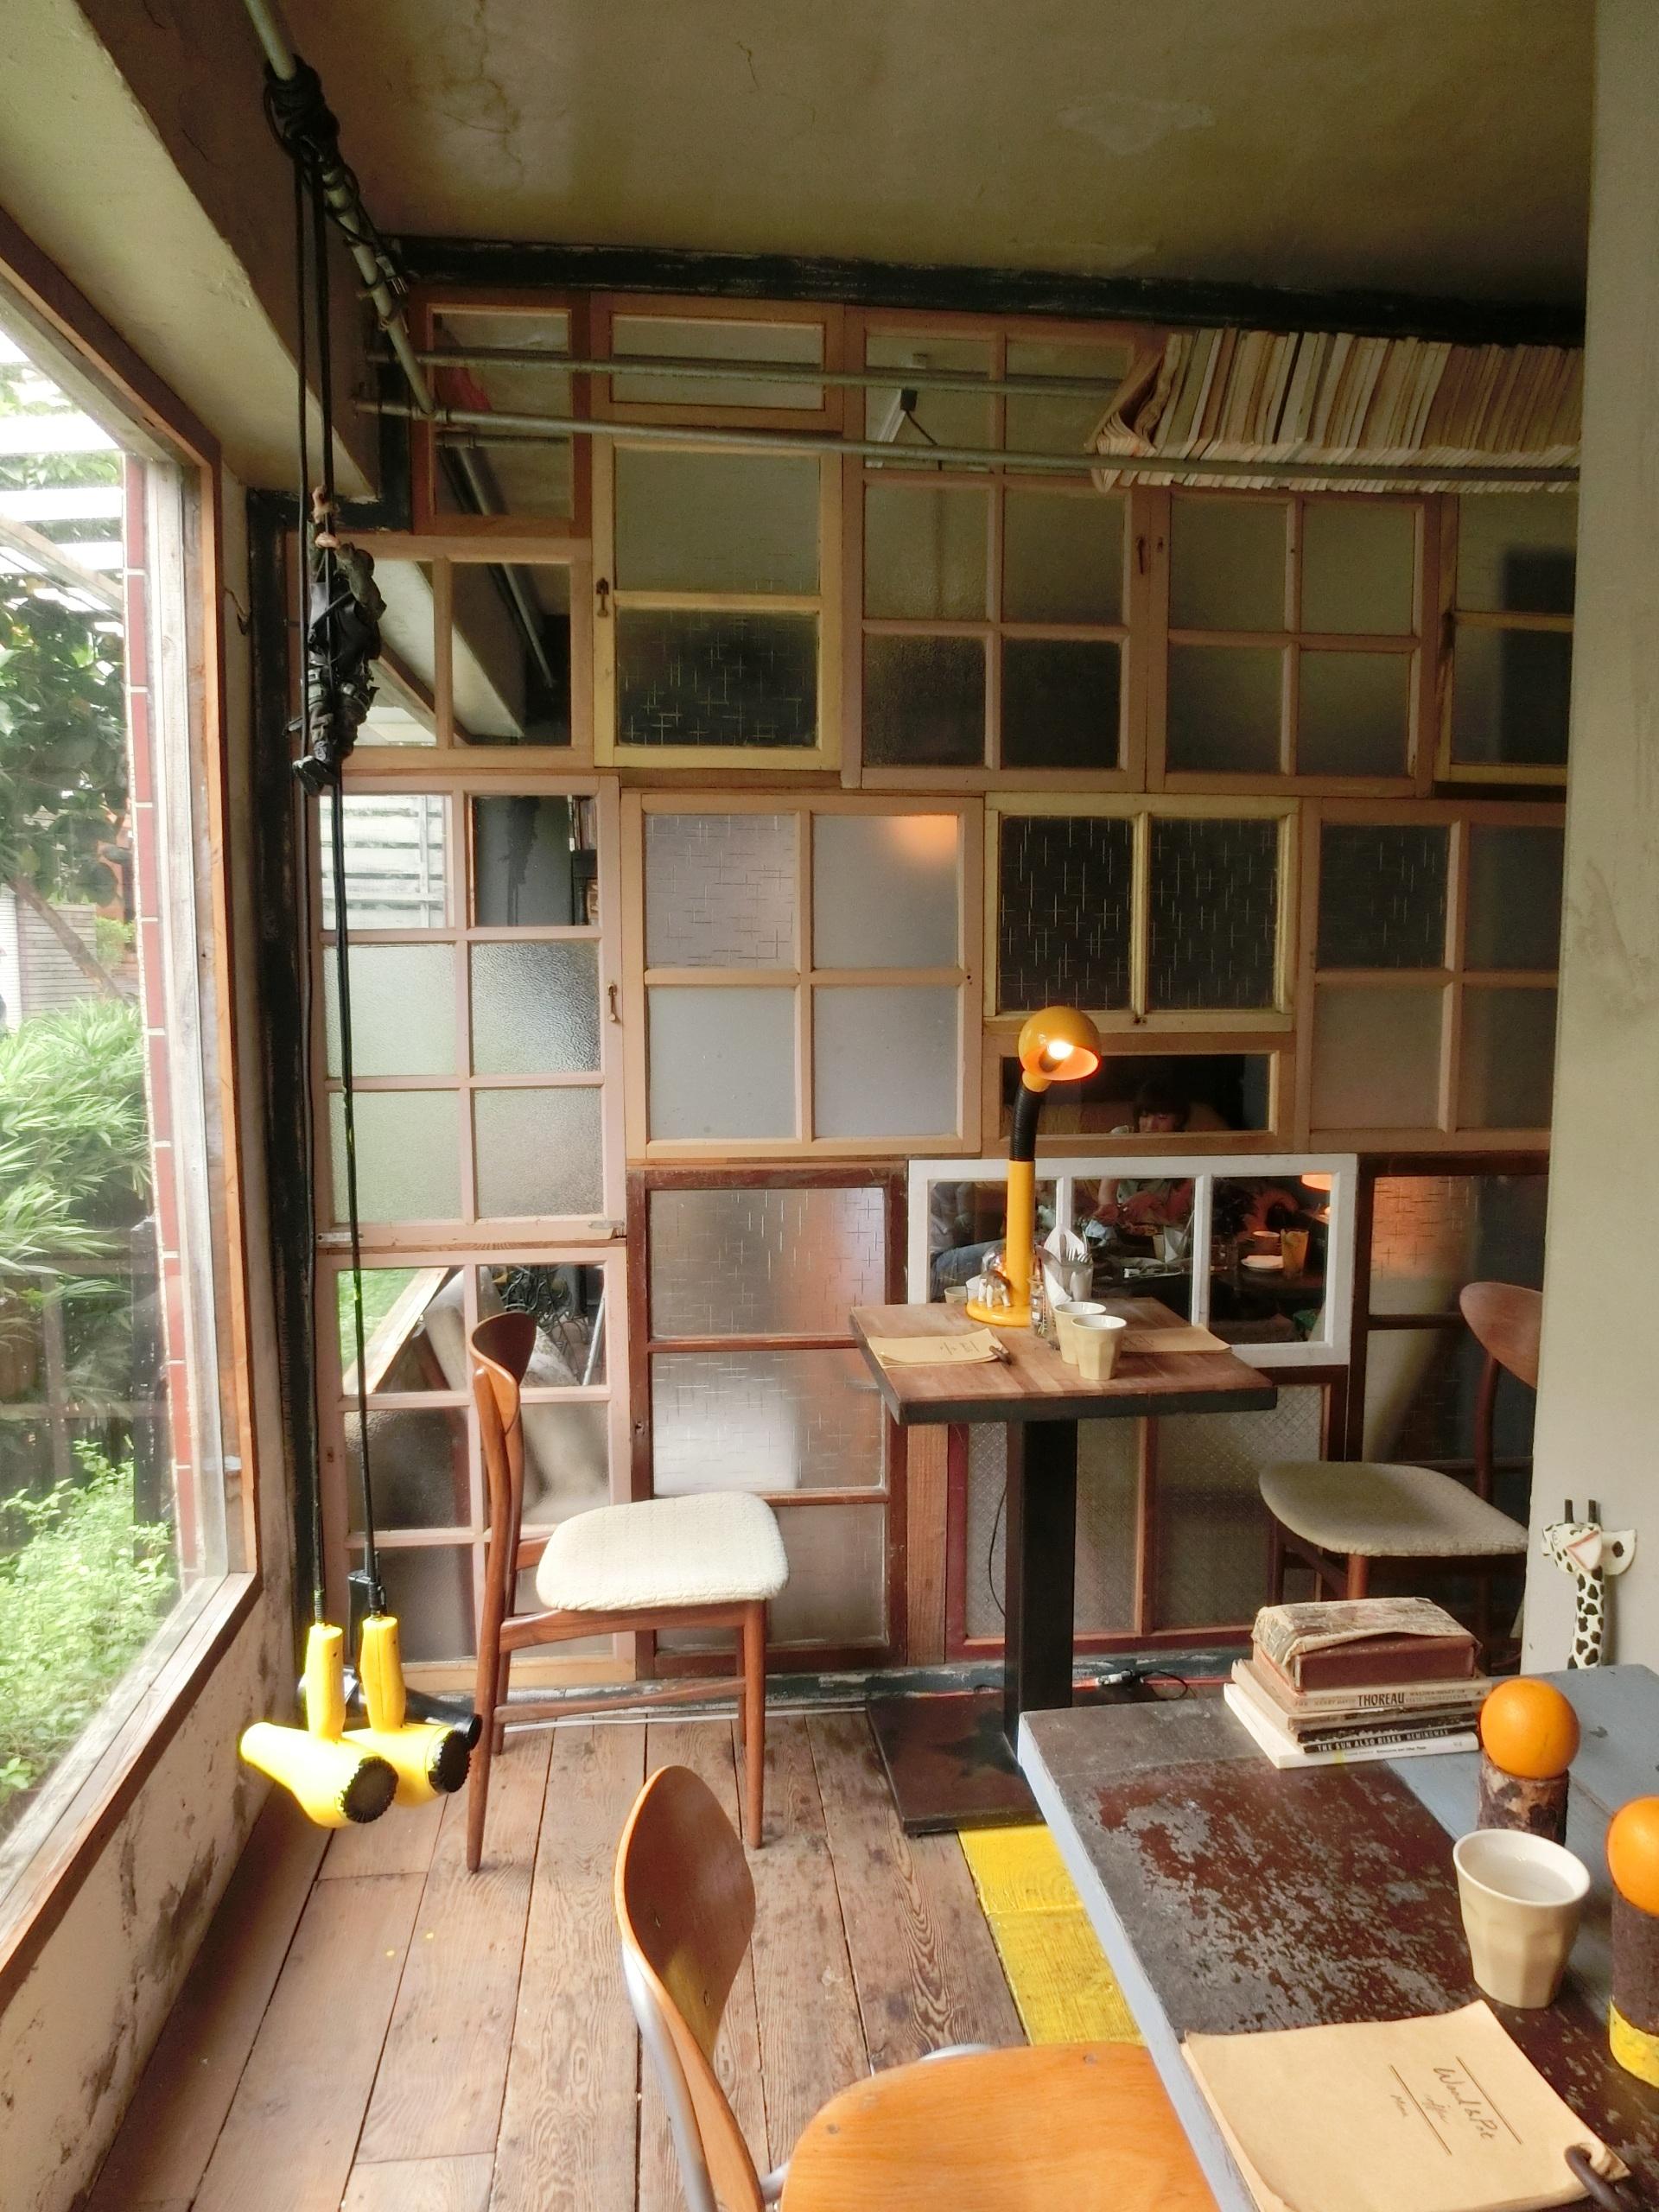 Fotos gratis piso tienda caba a paz desv n for Software diseno de interiores gratis